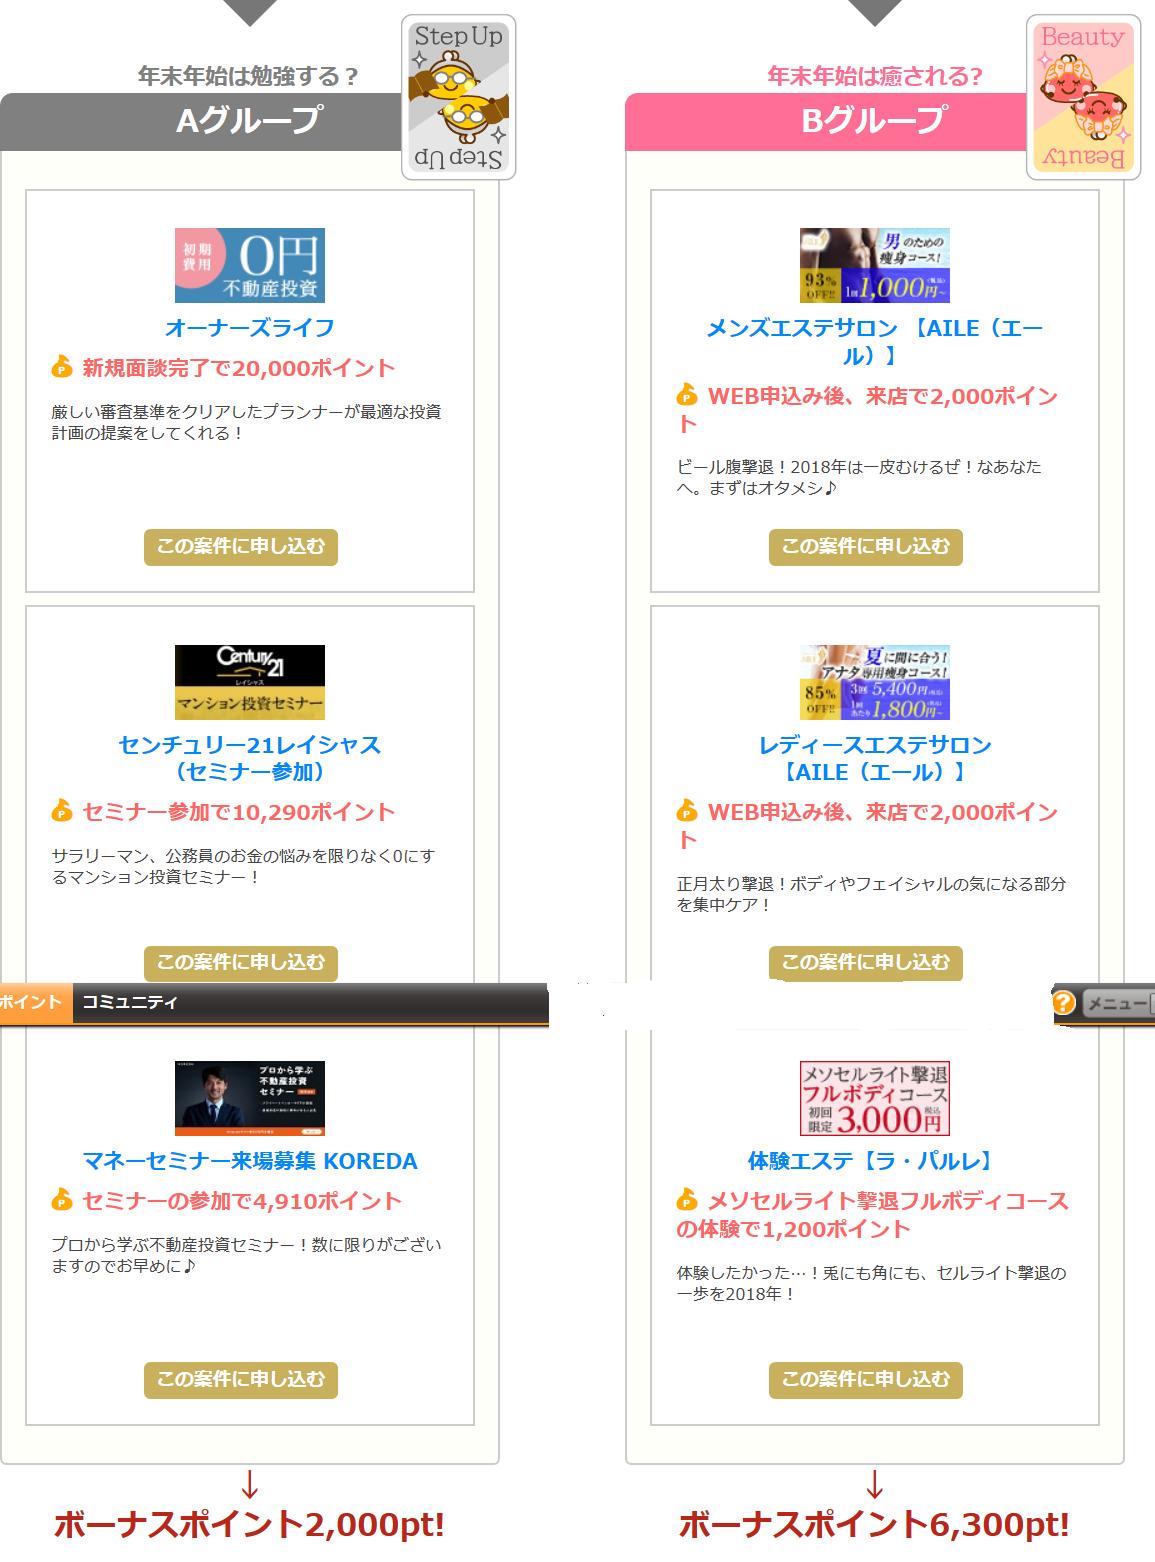 Screenshot-2018-1-4 ポイントサイトちょびリッチ(2)